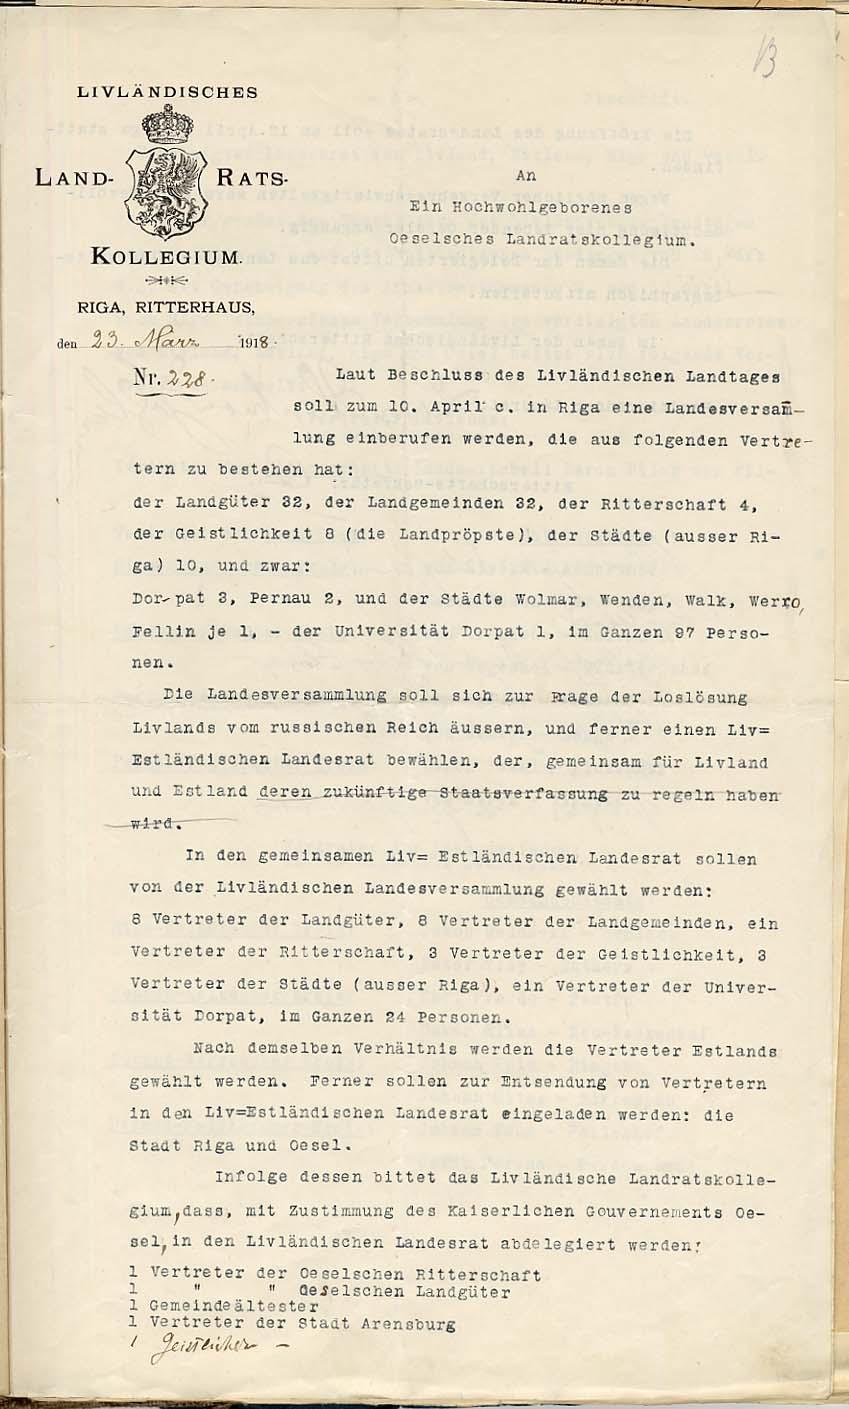 Liivimaa rüütelkonna resideeriva maanõuniku teade23. märtsil 1918 Saaremaa Maanõunike Kolleegiumile. RA, EAA.957.1.306, l. 13